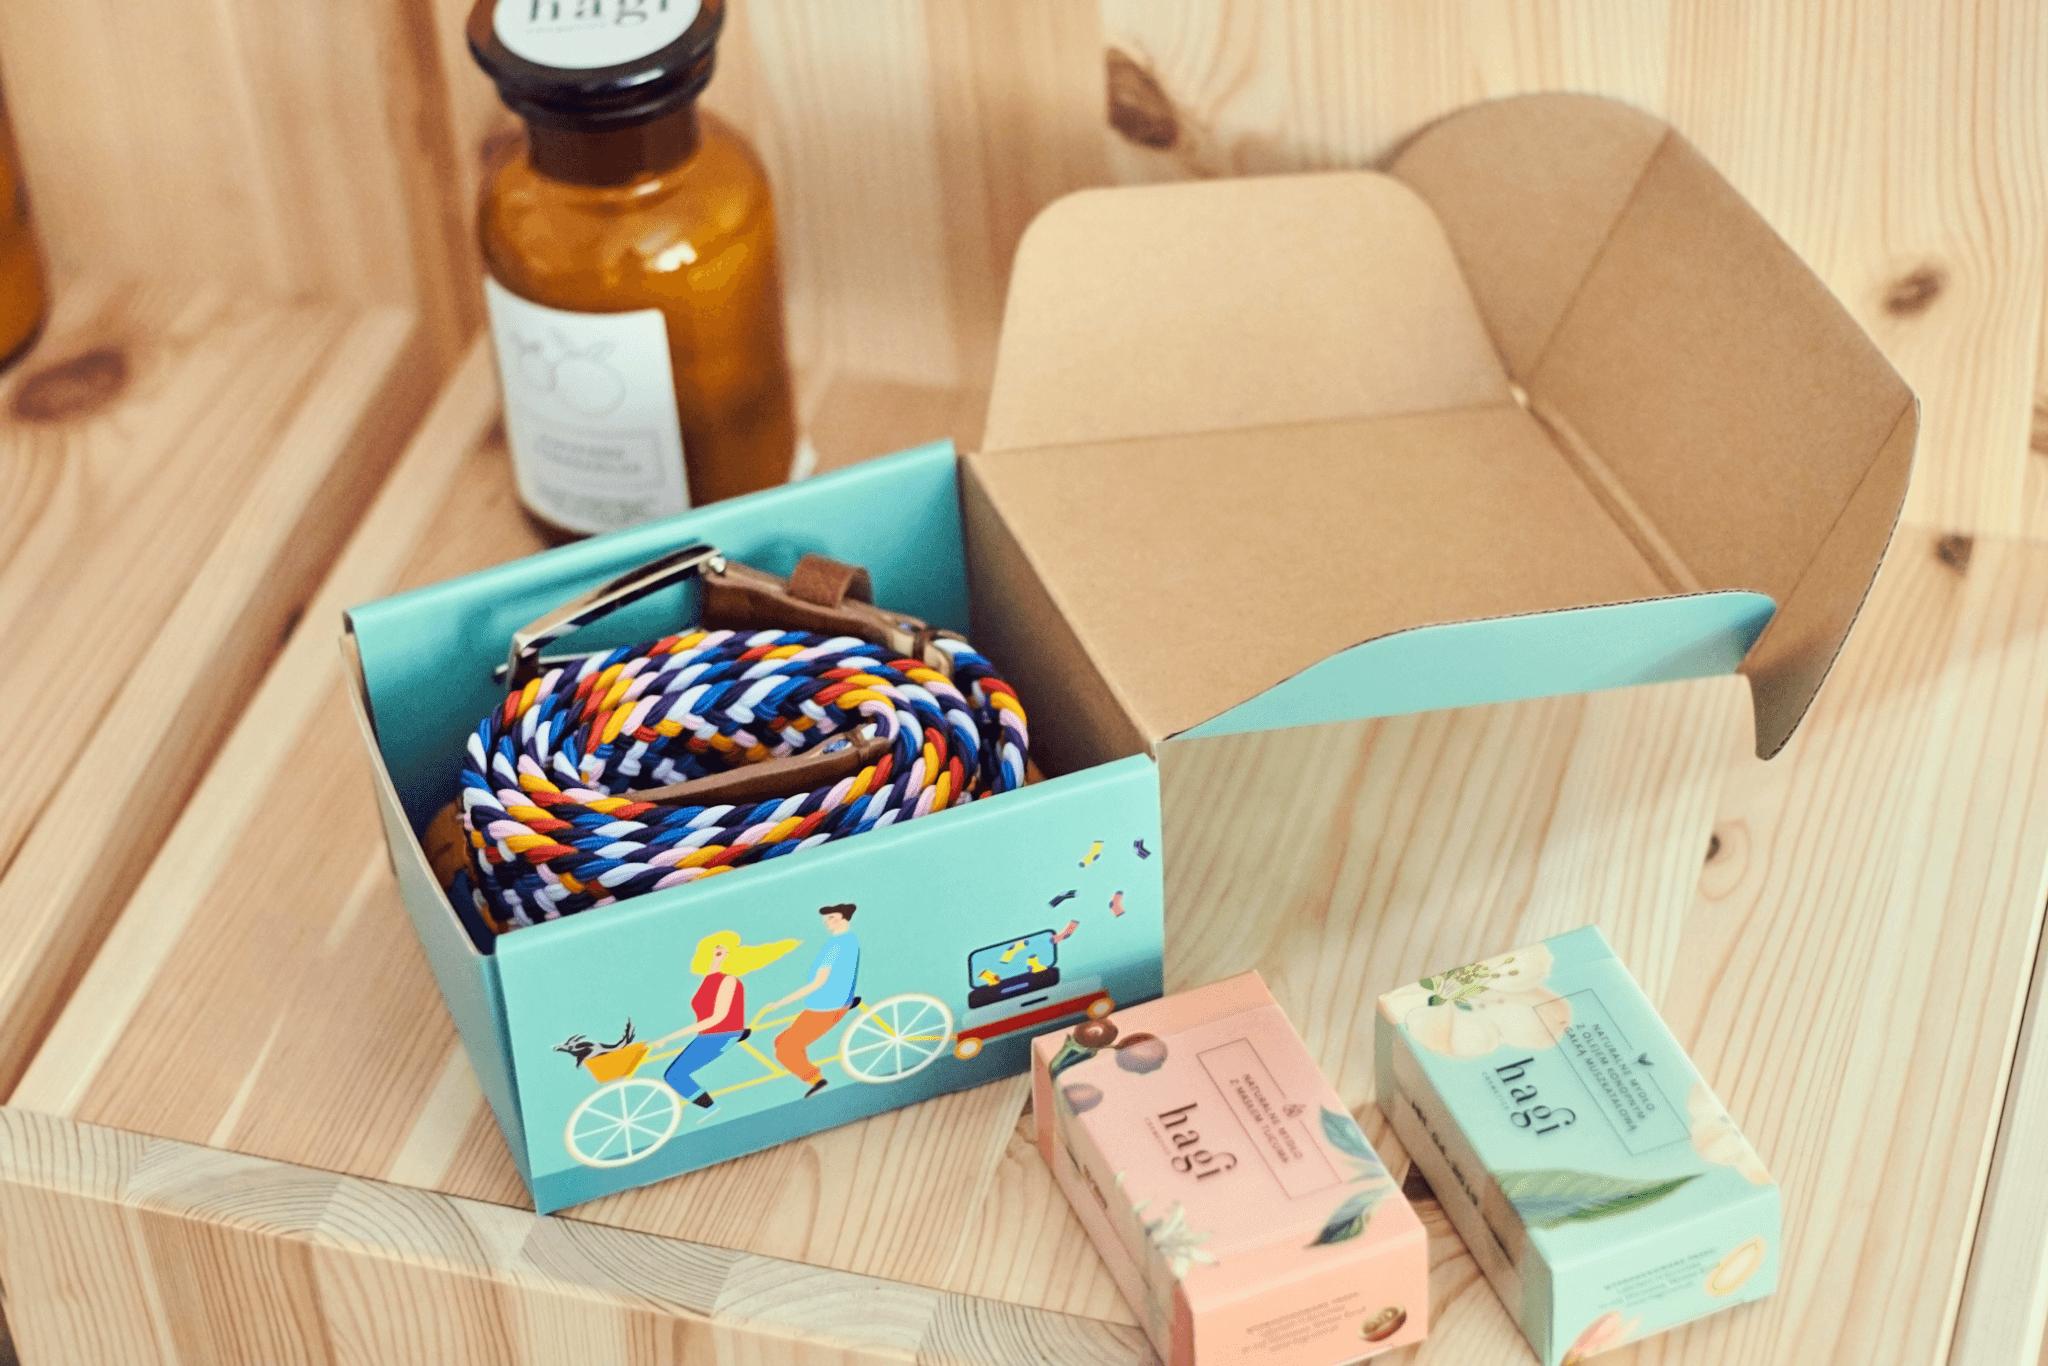 Ceinture dans une boîte en carton Packhelp